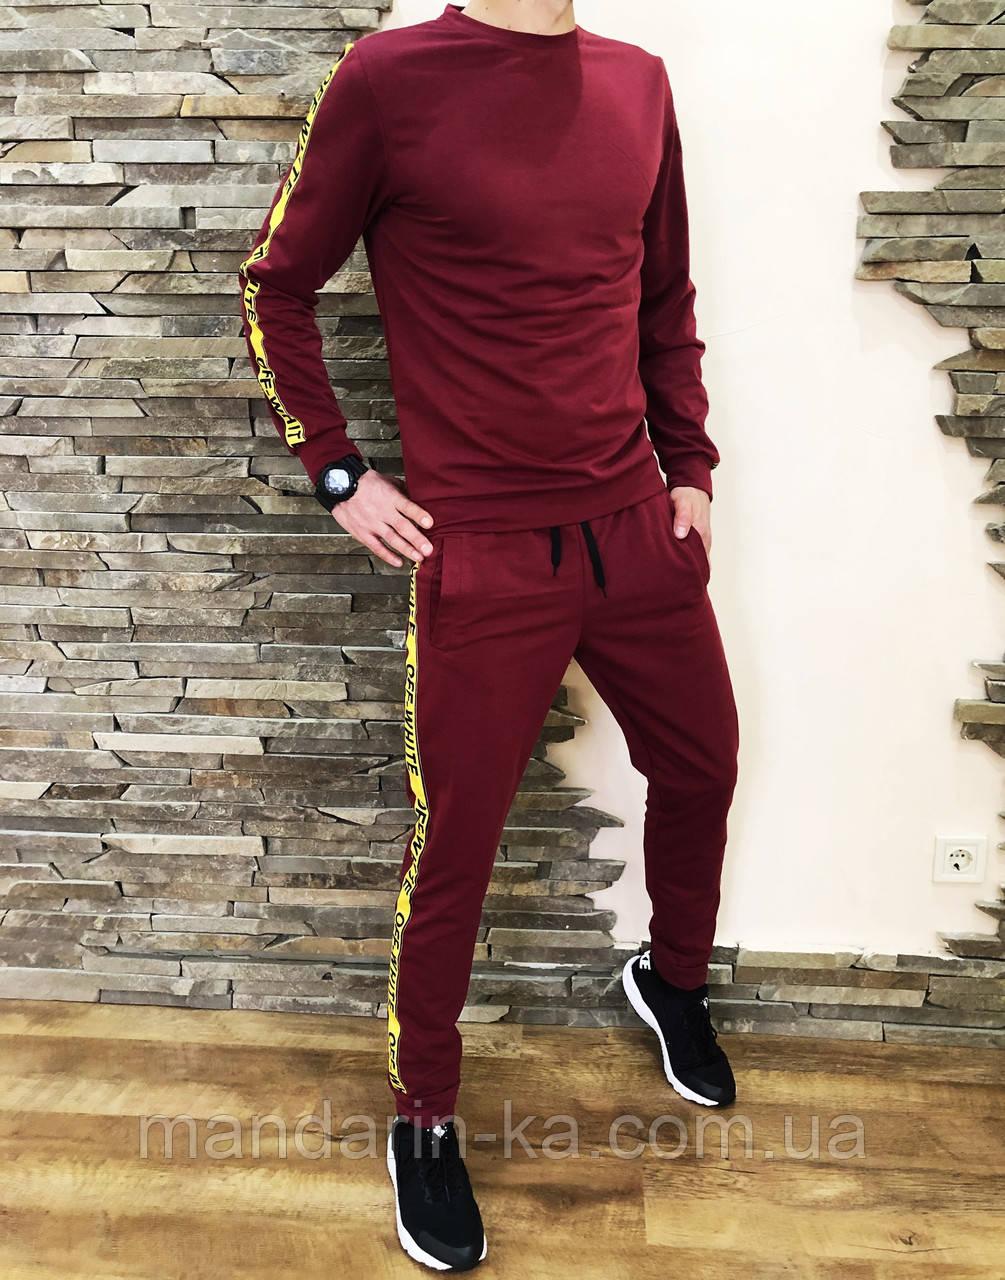 Костюм мужской спортивный бордовый  кофта штаны (реплика)